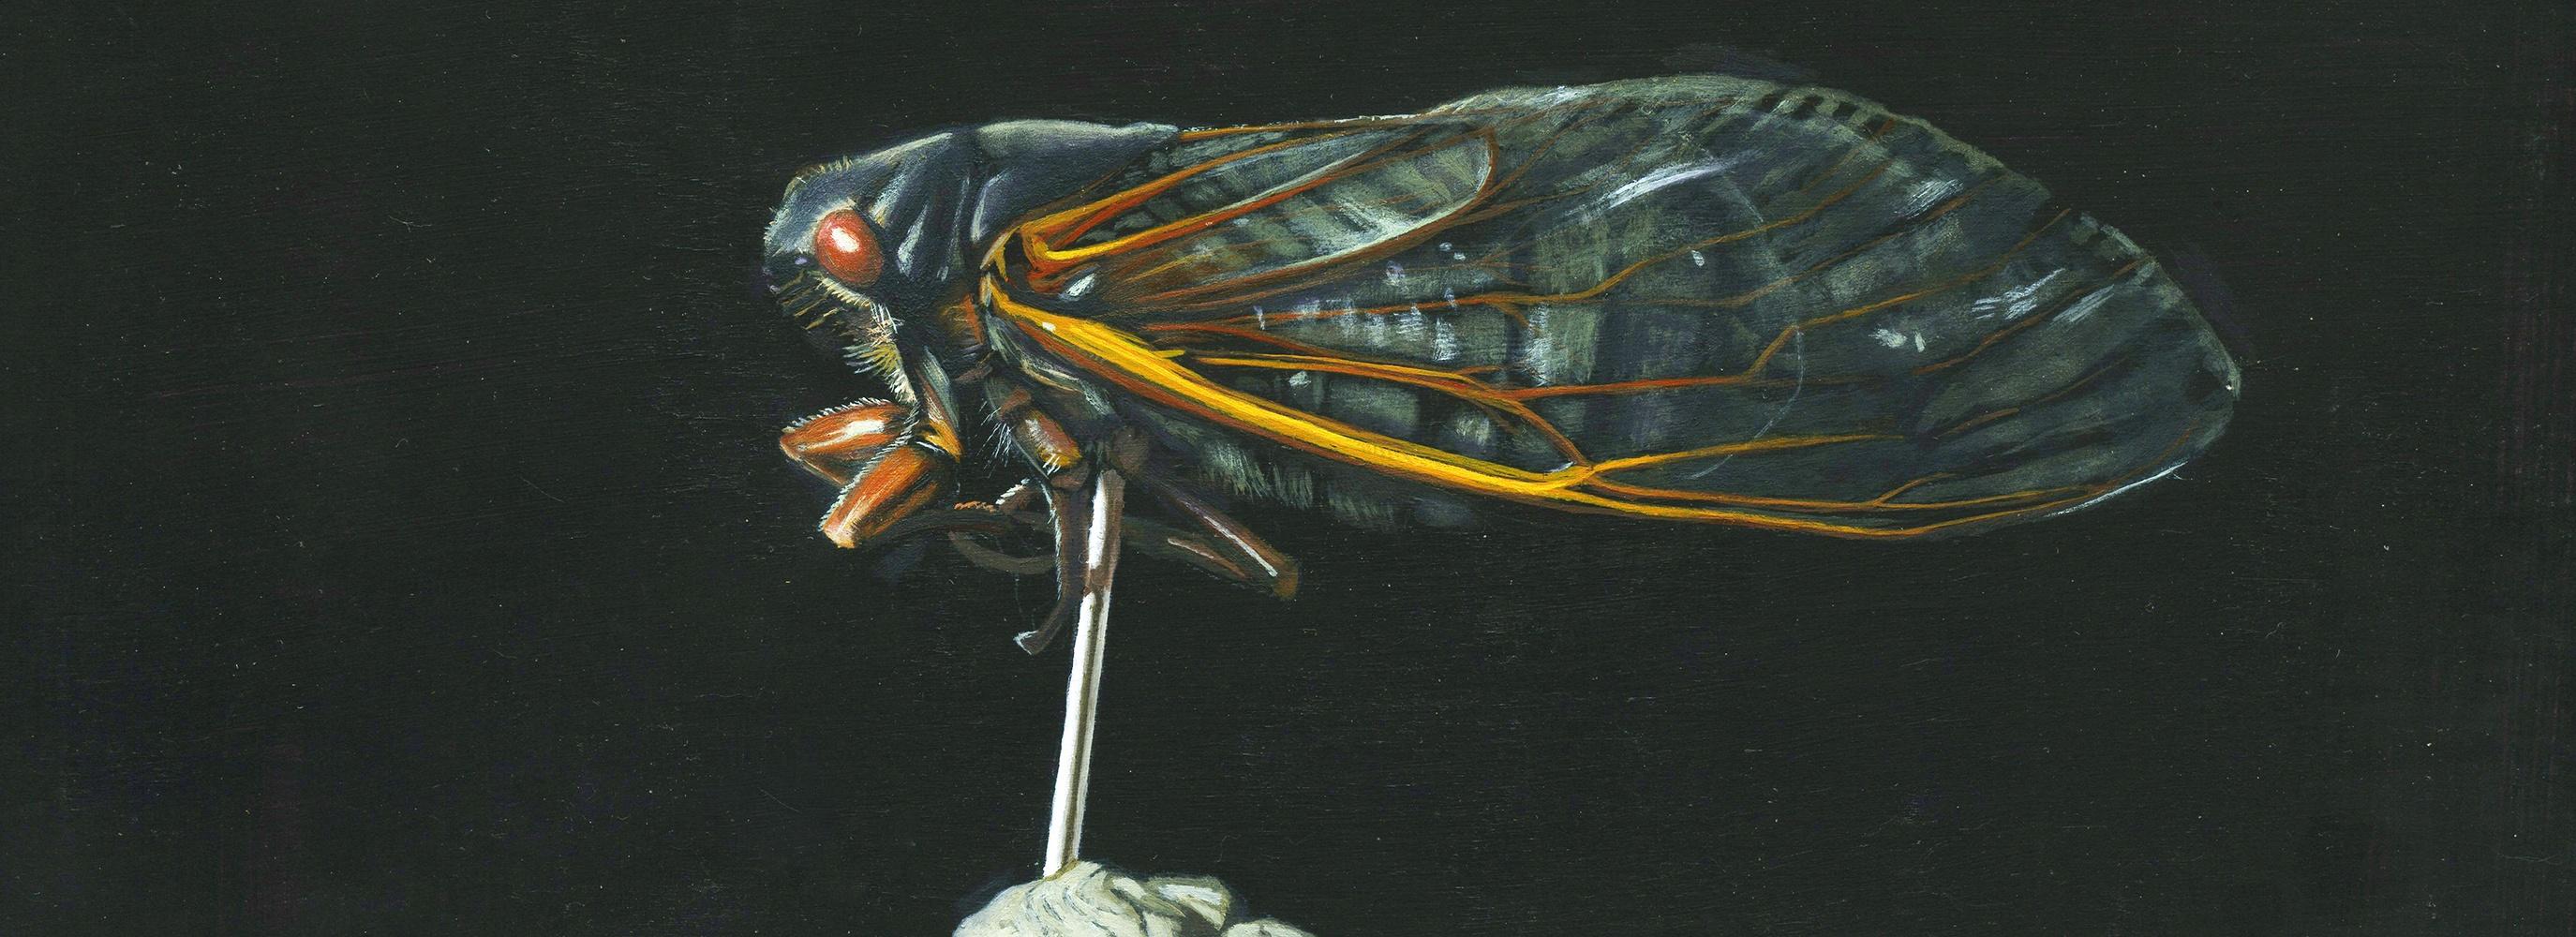 <div class='title'>           Cicada-small-frmnr4         </div>